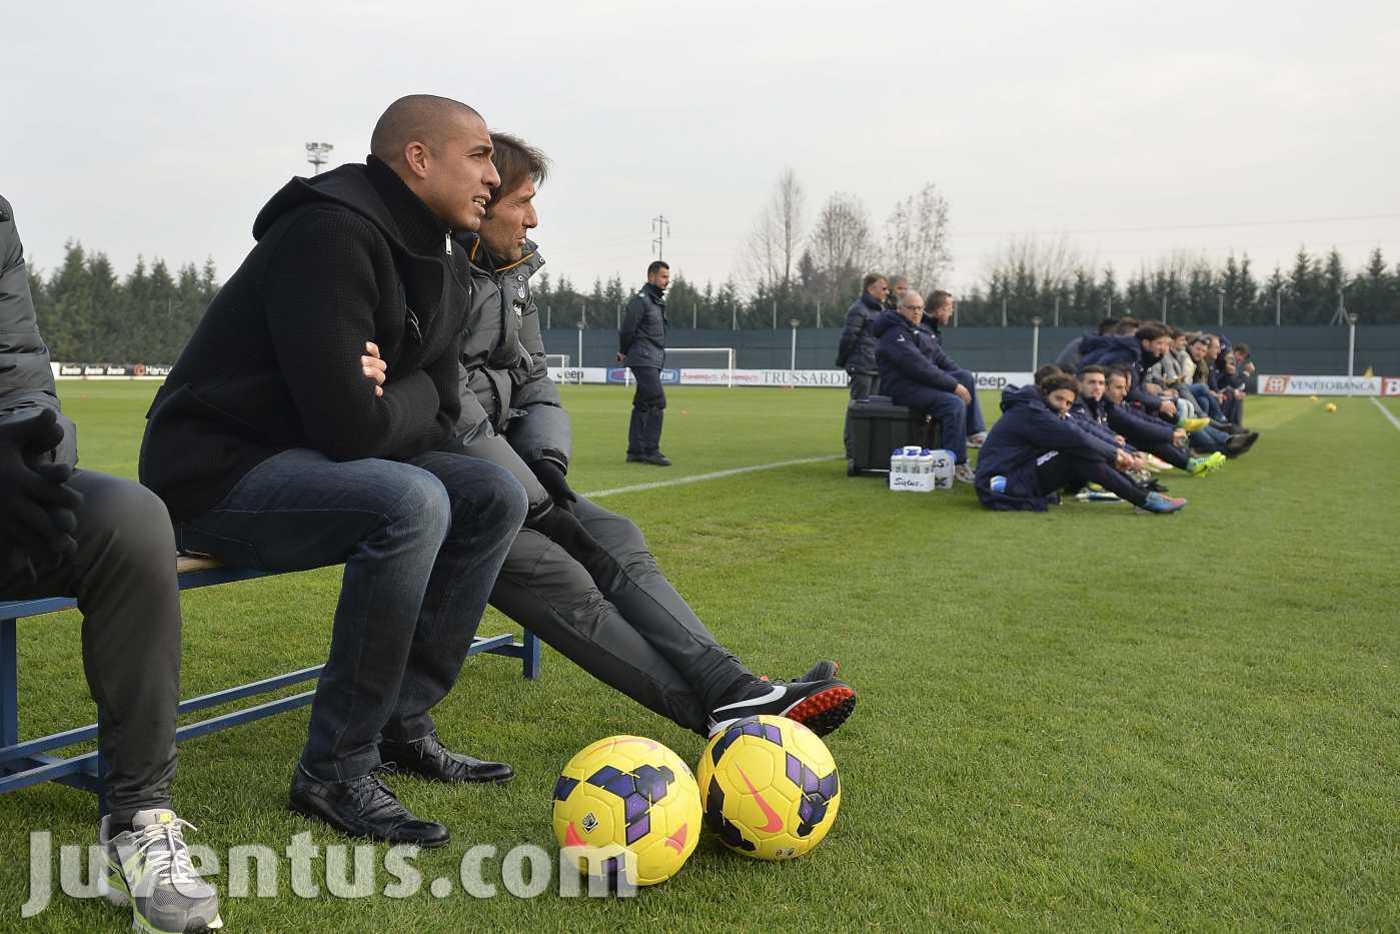 Amichevole Juventus-Cuneo 2-0 sotto gli occhi di Trezeguet